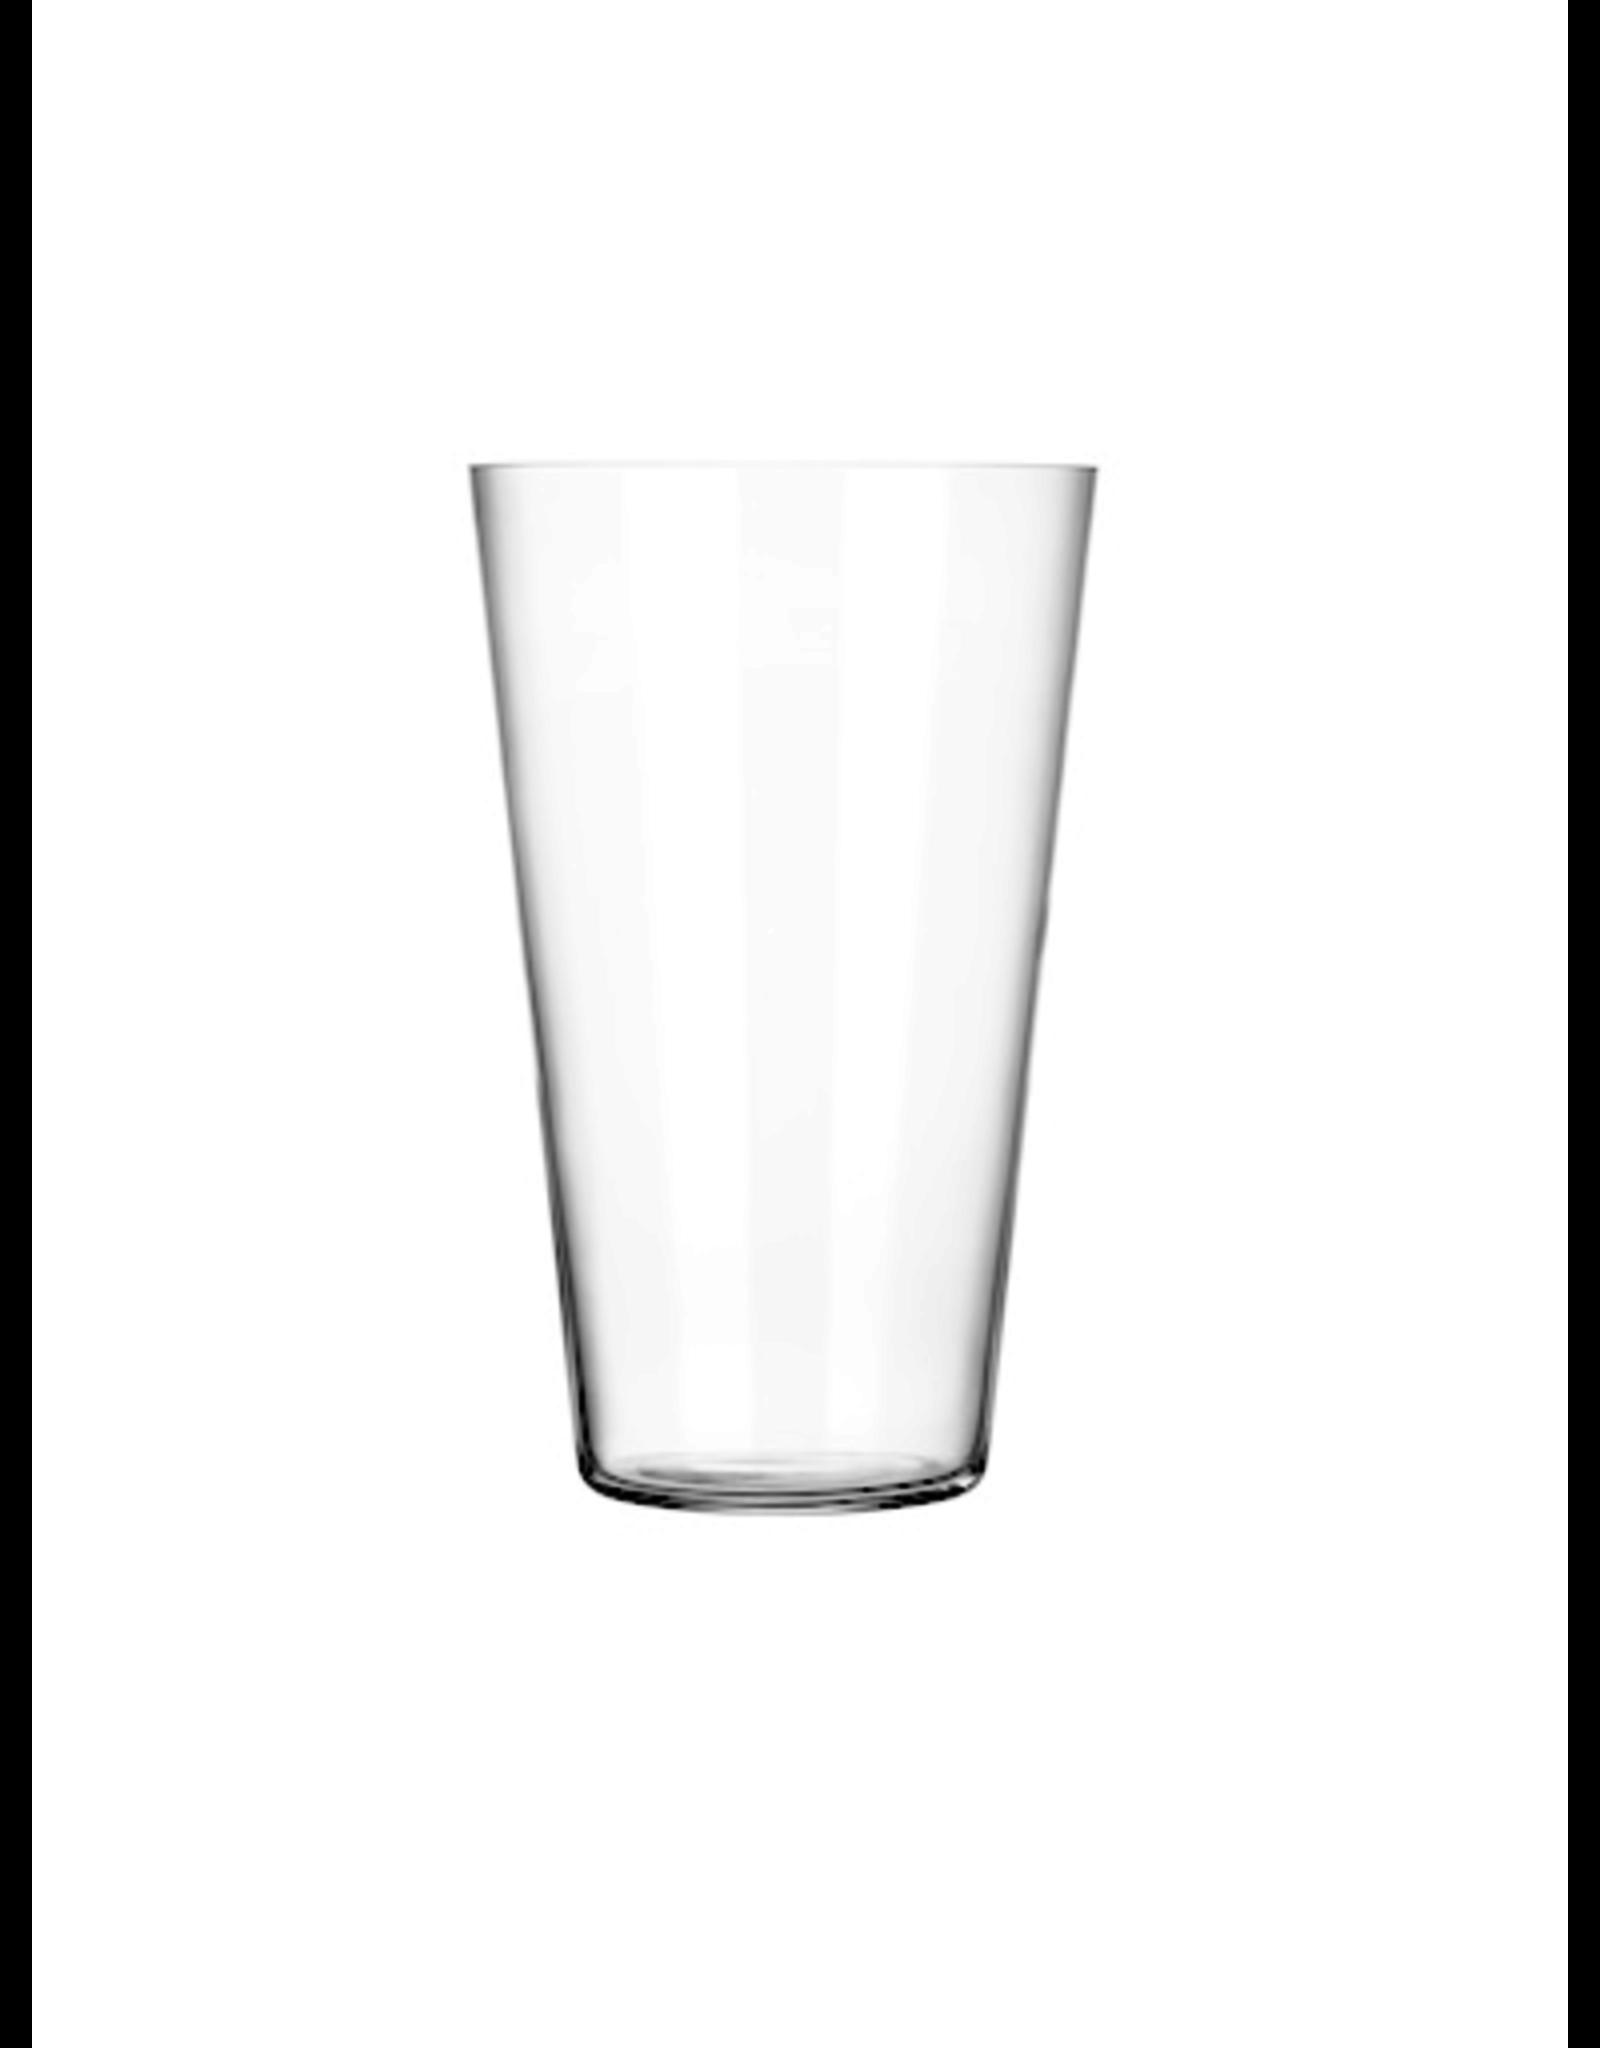 KARTIO 花瓶, 透明, 20 厘米